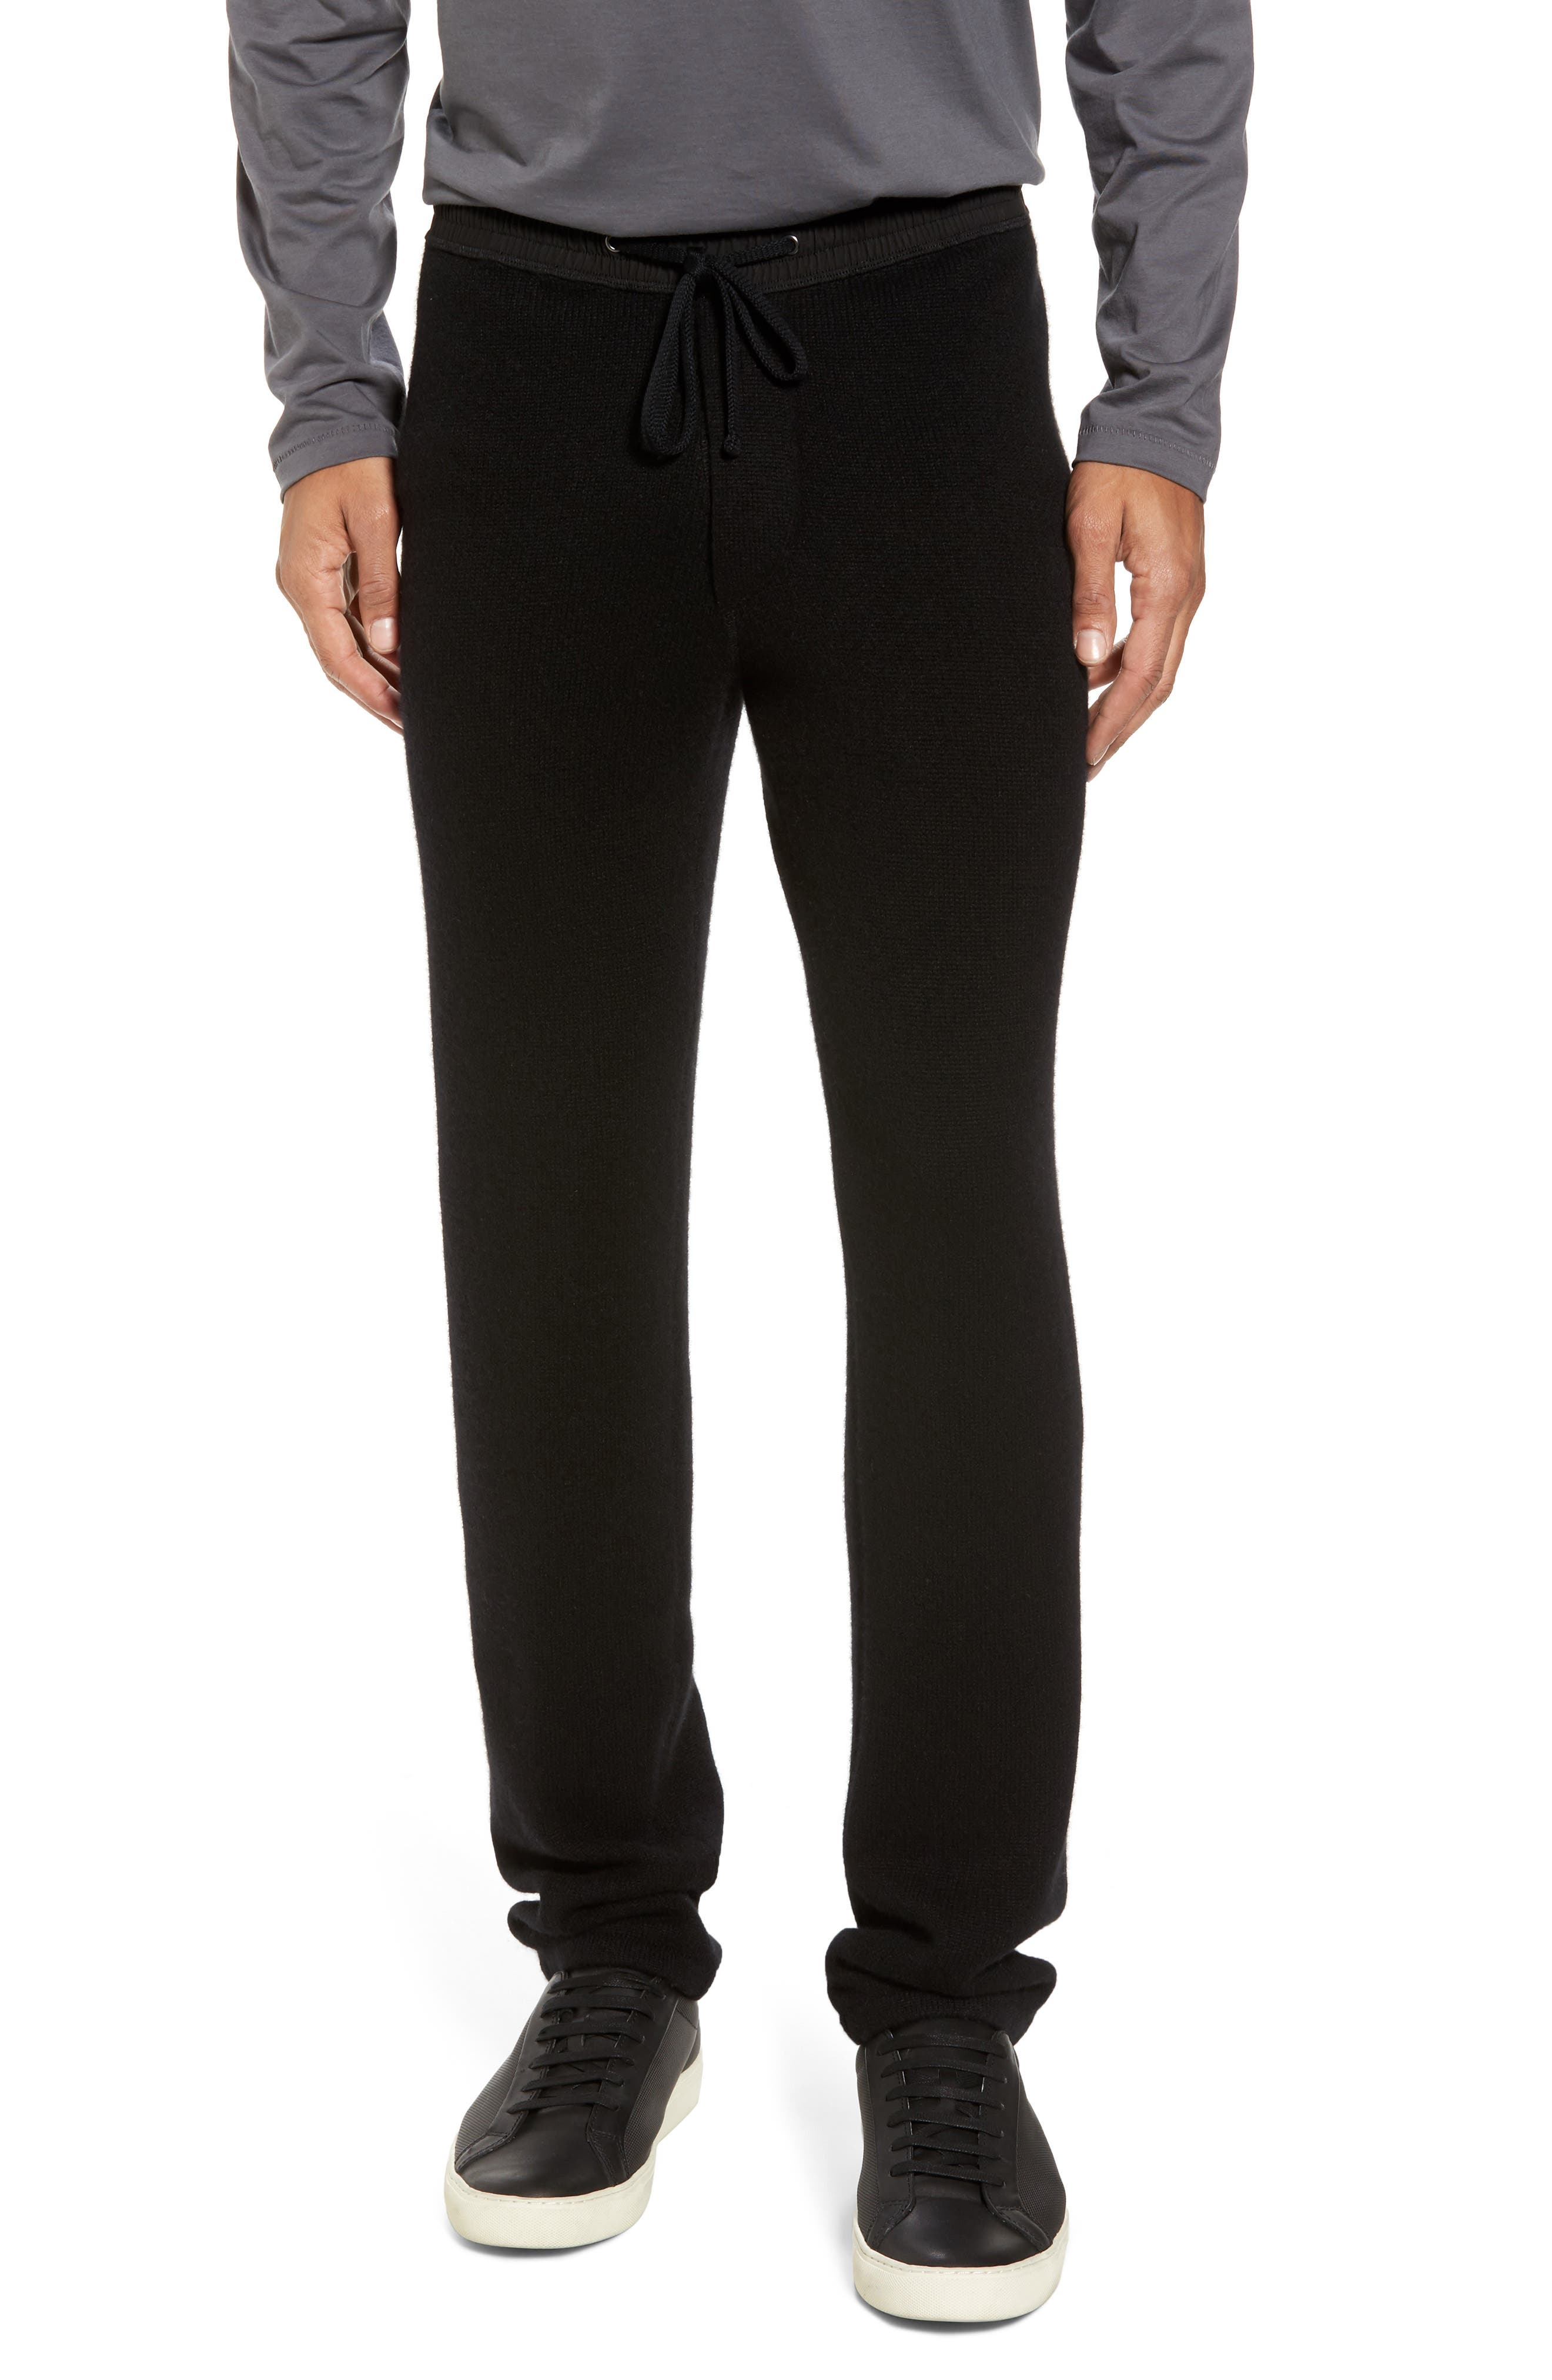 Cashmere Sweatpants,                             Main thumbnail 1, color,                             001